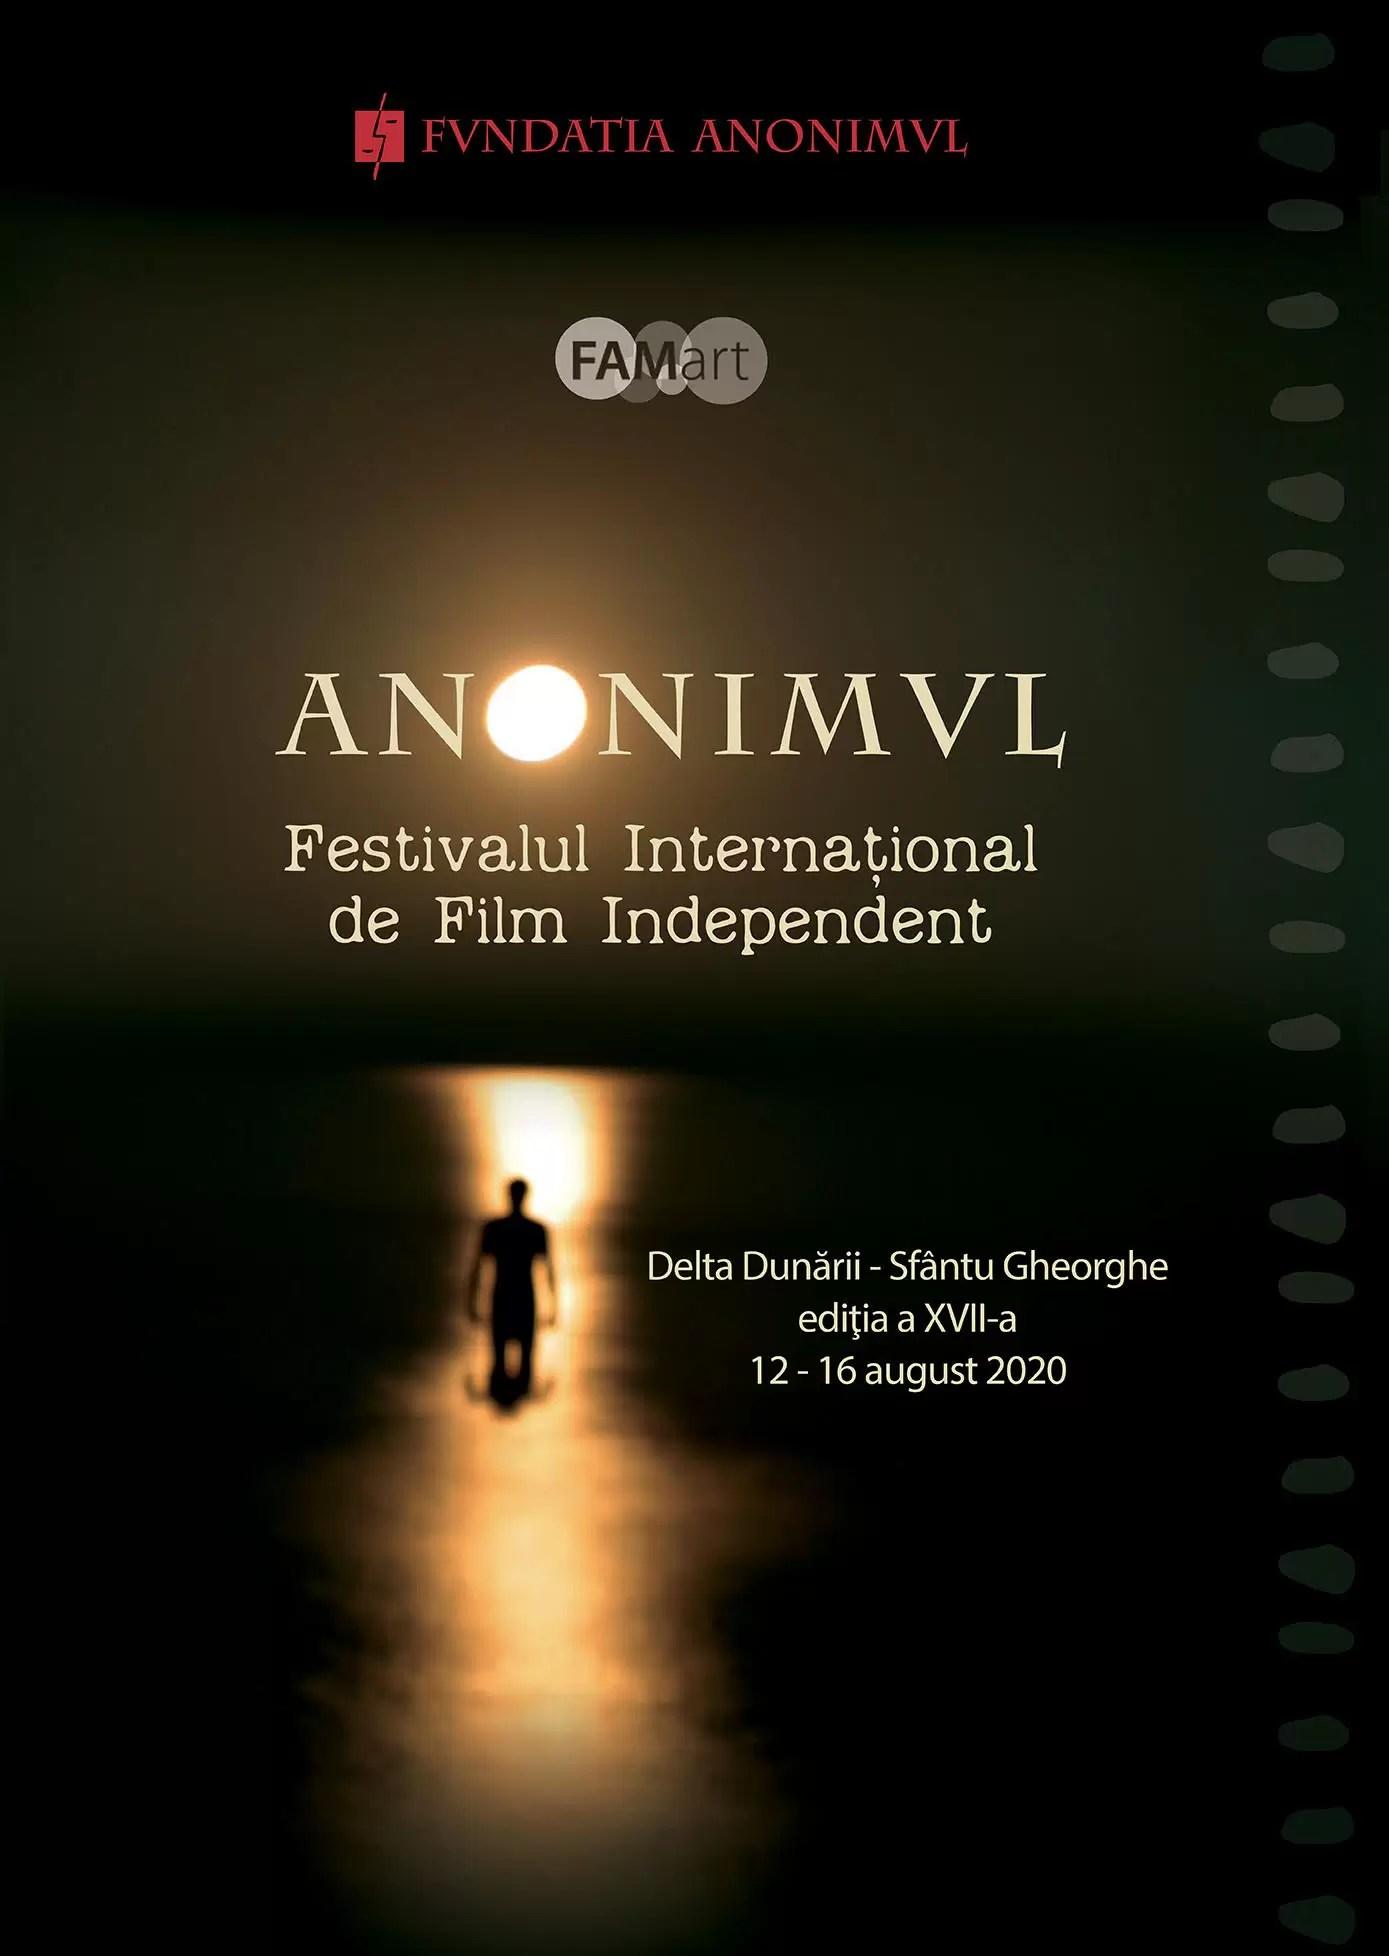 Festivalul Internațional de Film Independent ANONIMUL, afis